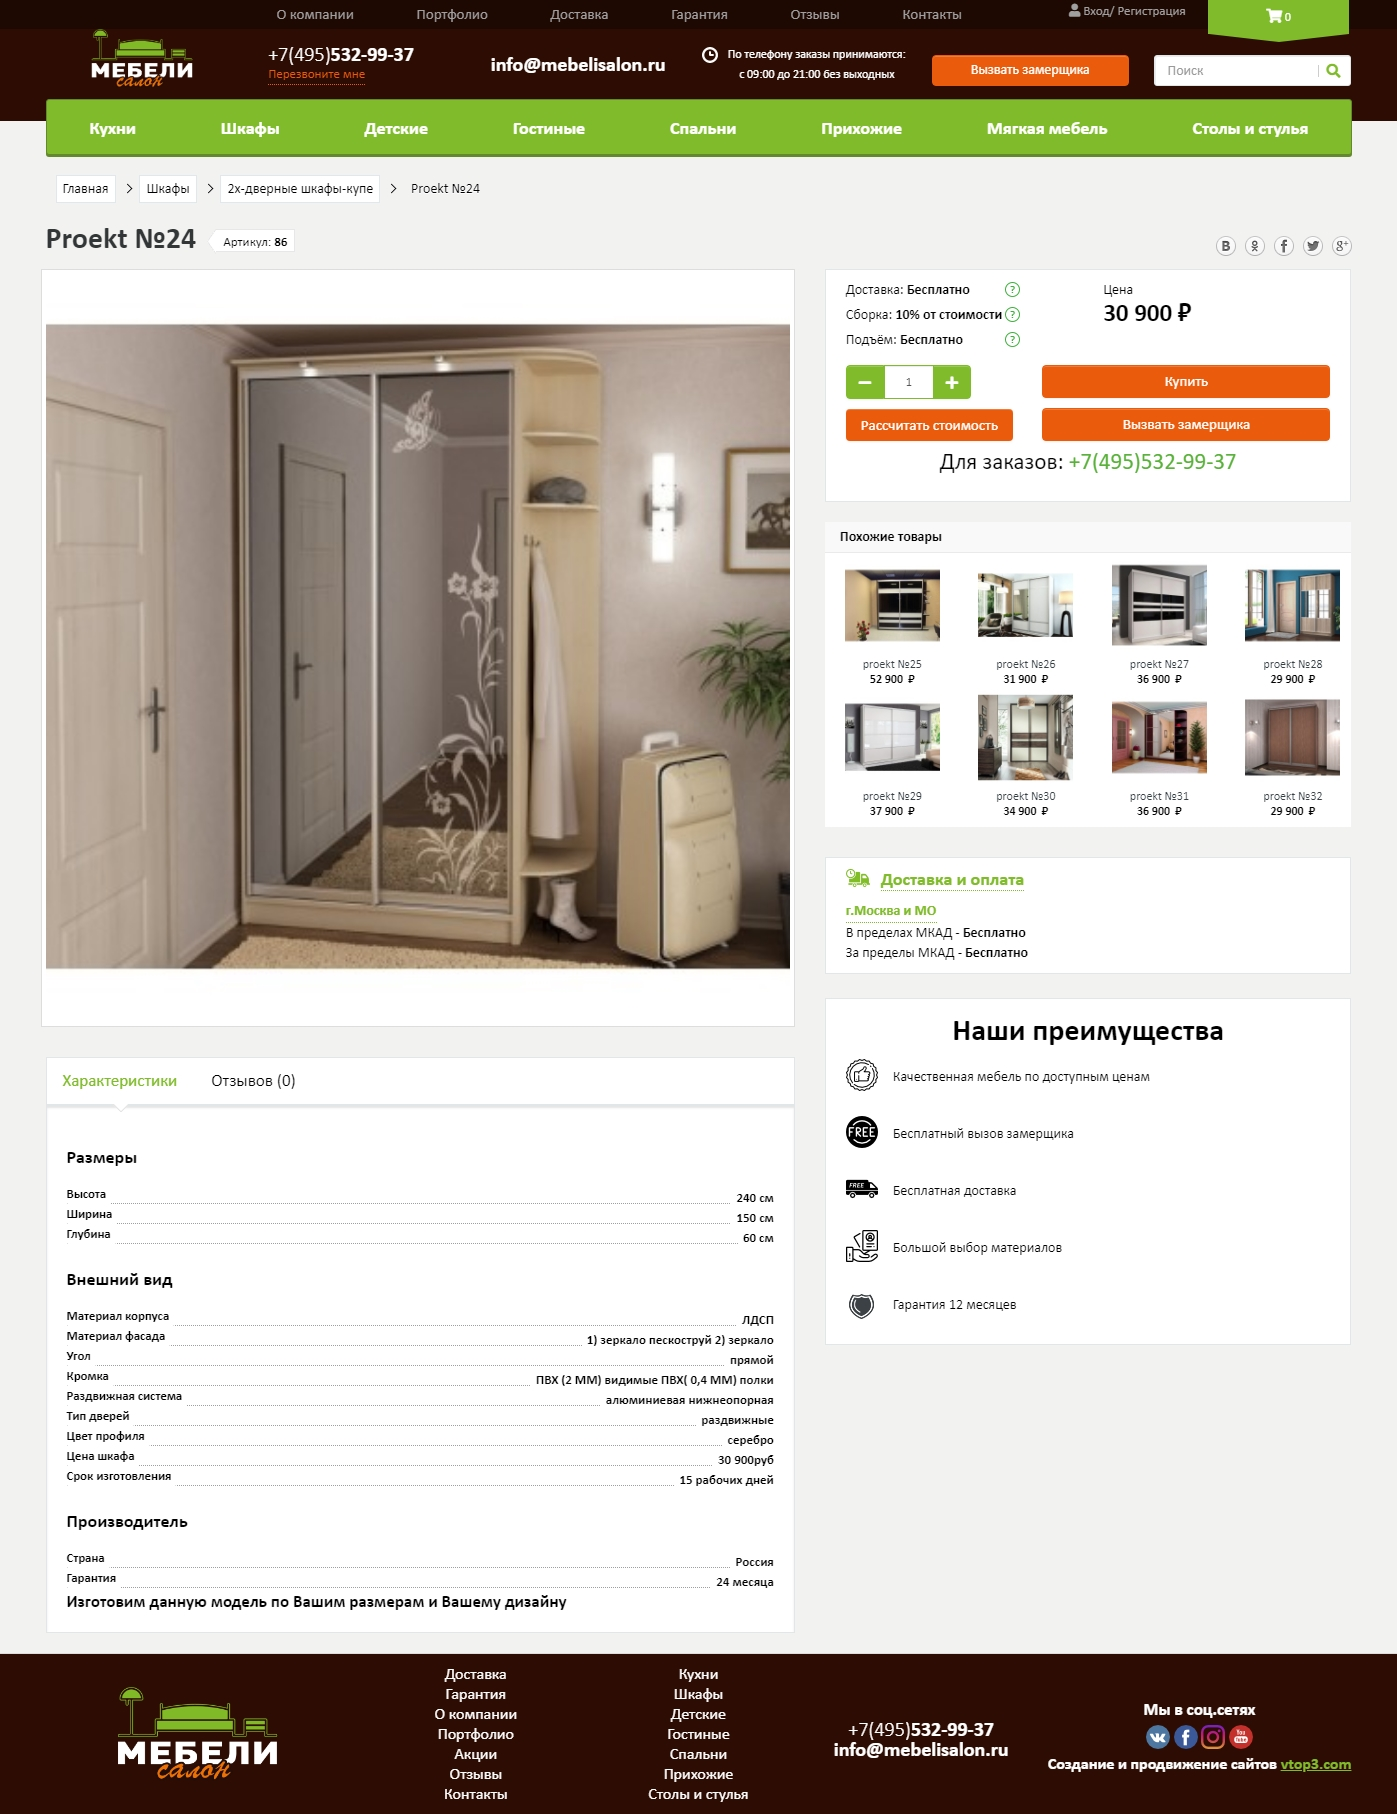 Создание мебельного сайта